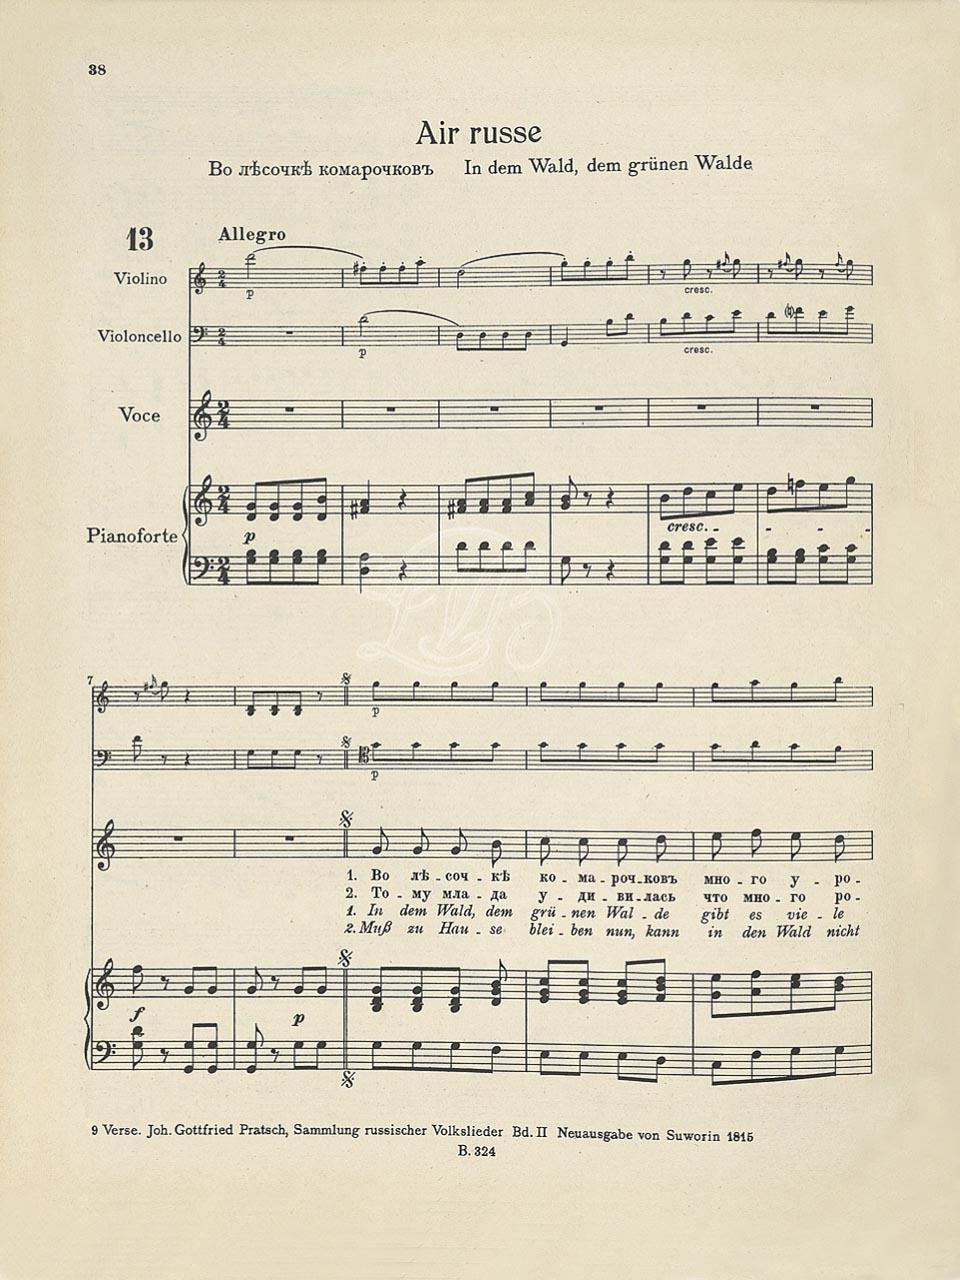 Л. ван Бетховен. Песня «Во лесочке комарочков». Ноты для голоса, скрипки, виолончели и фортепиано